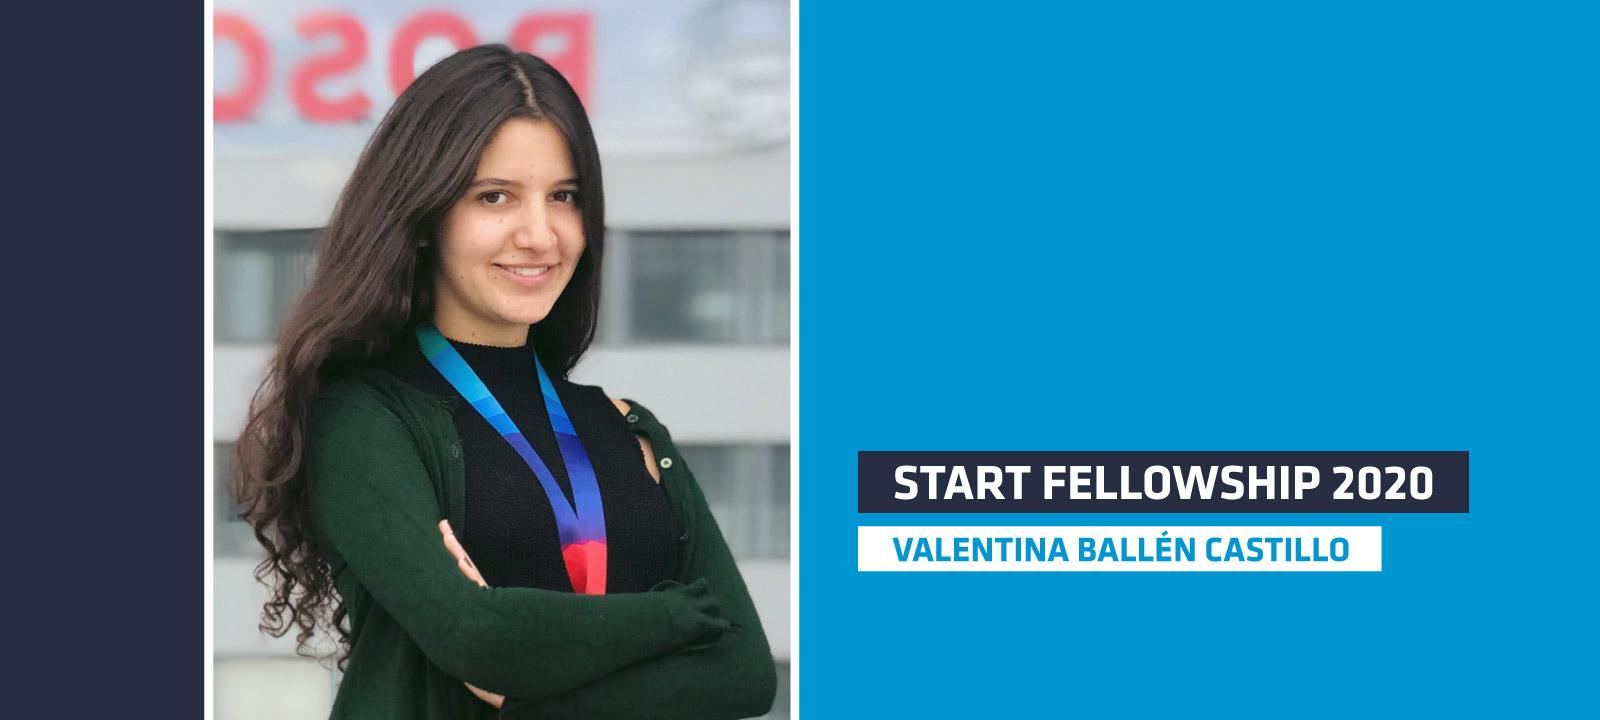 Valentina Ballén Castillo, estudiante de Ingeniería Mecánica, fue seleccionada en el programa START Fellowship 2020